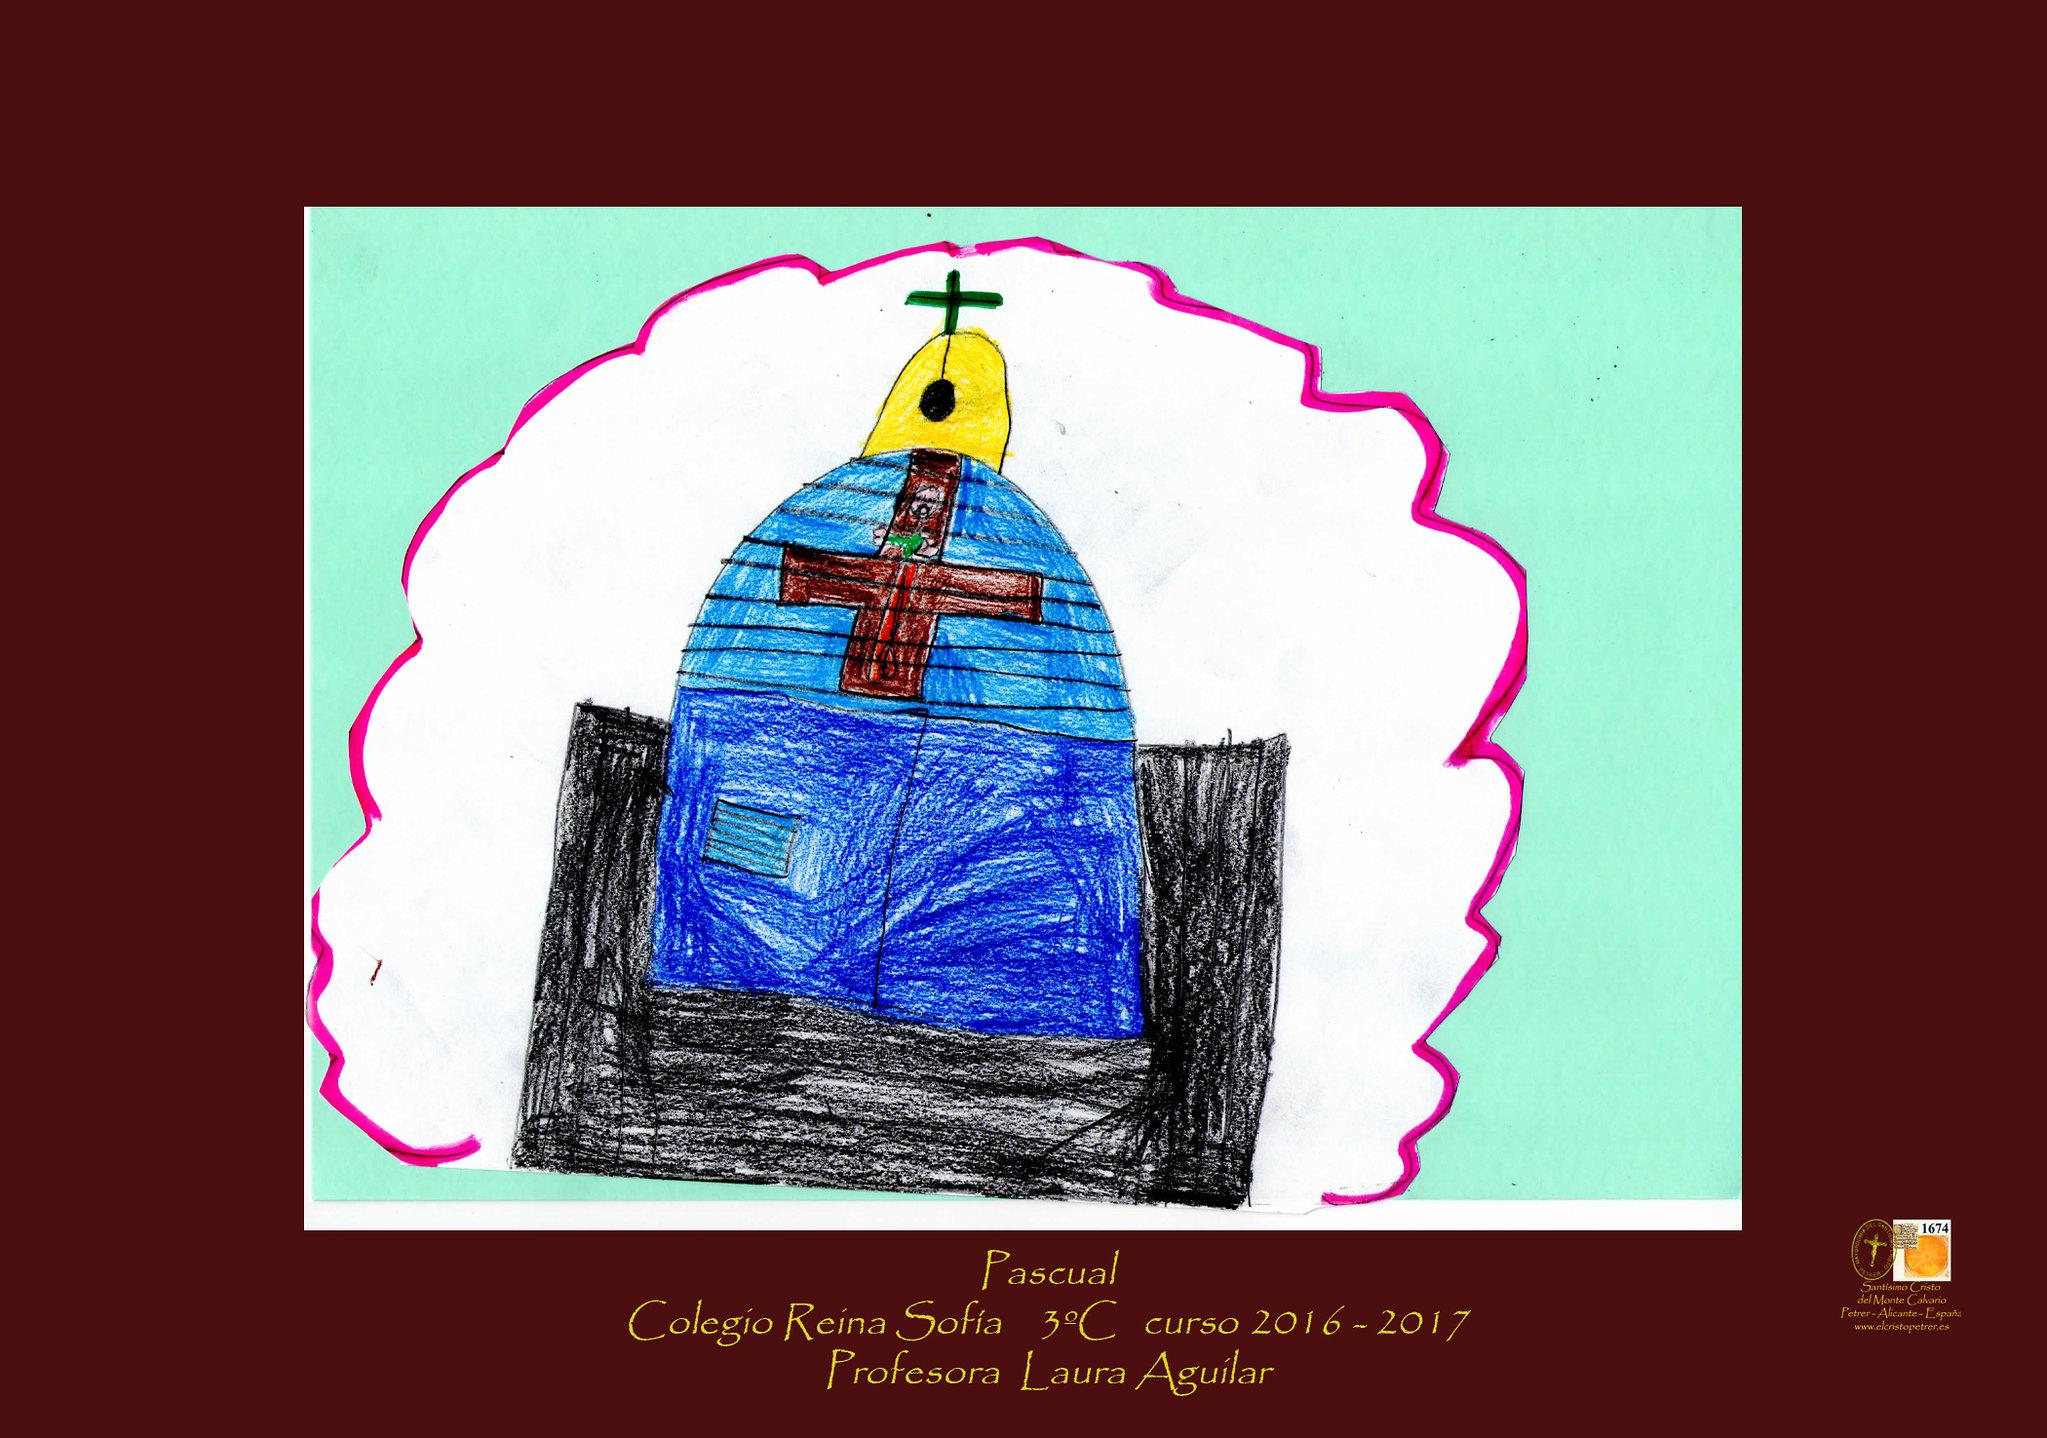 ElCristo - Actos - Exposicion Fotografica - (2017-12-01) - Reina sofía - 3ºC - Pascual